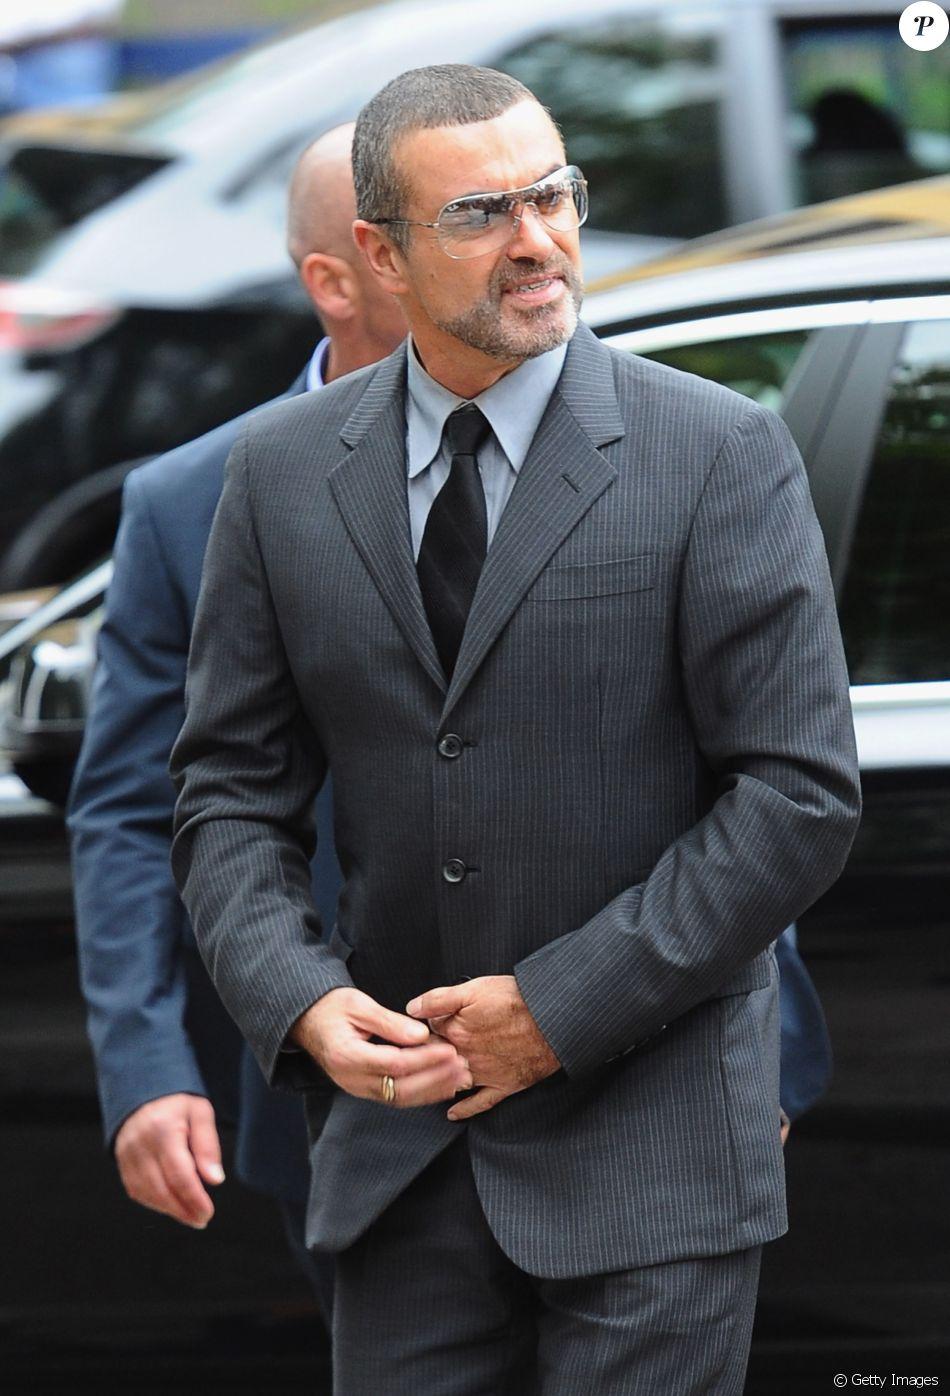 George Michael morreu de insuficiência cardíaca aos 53 anos